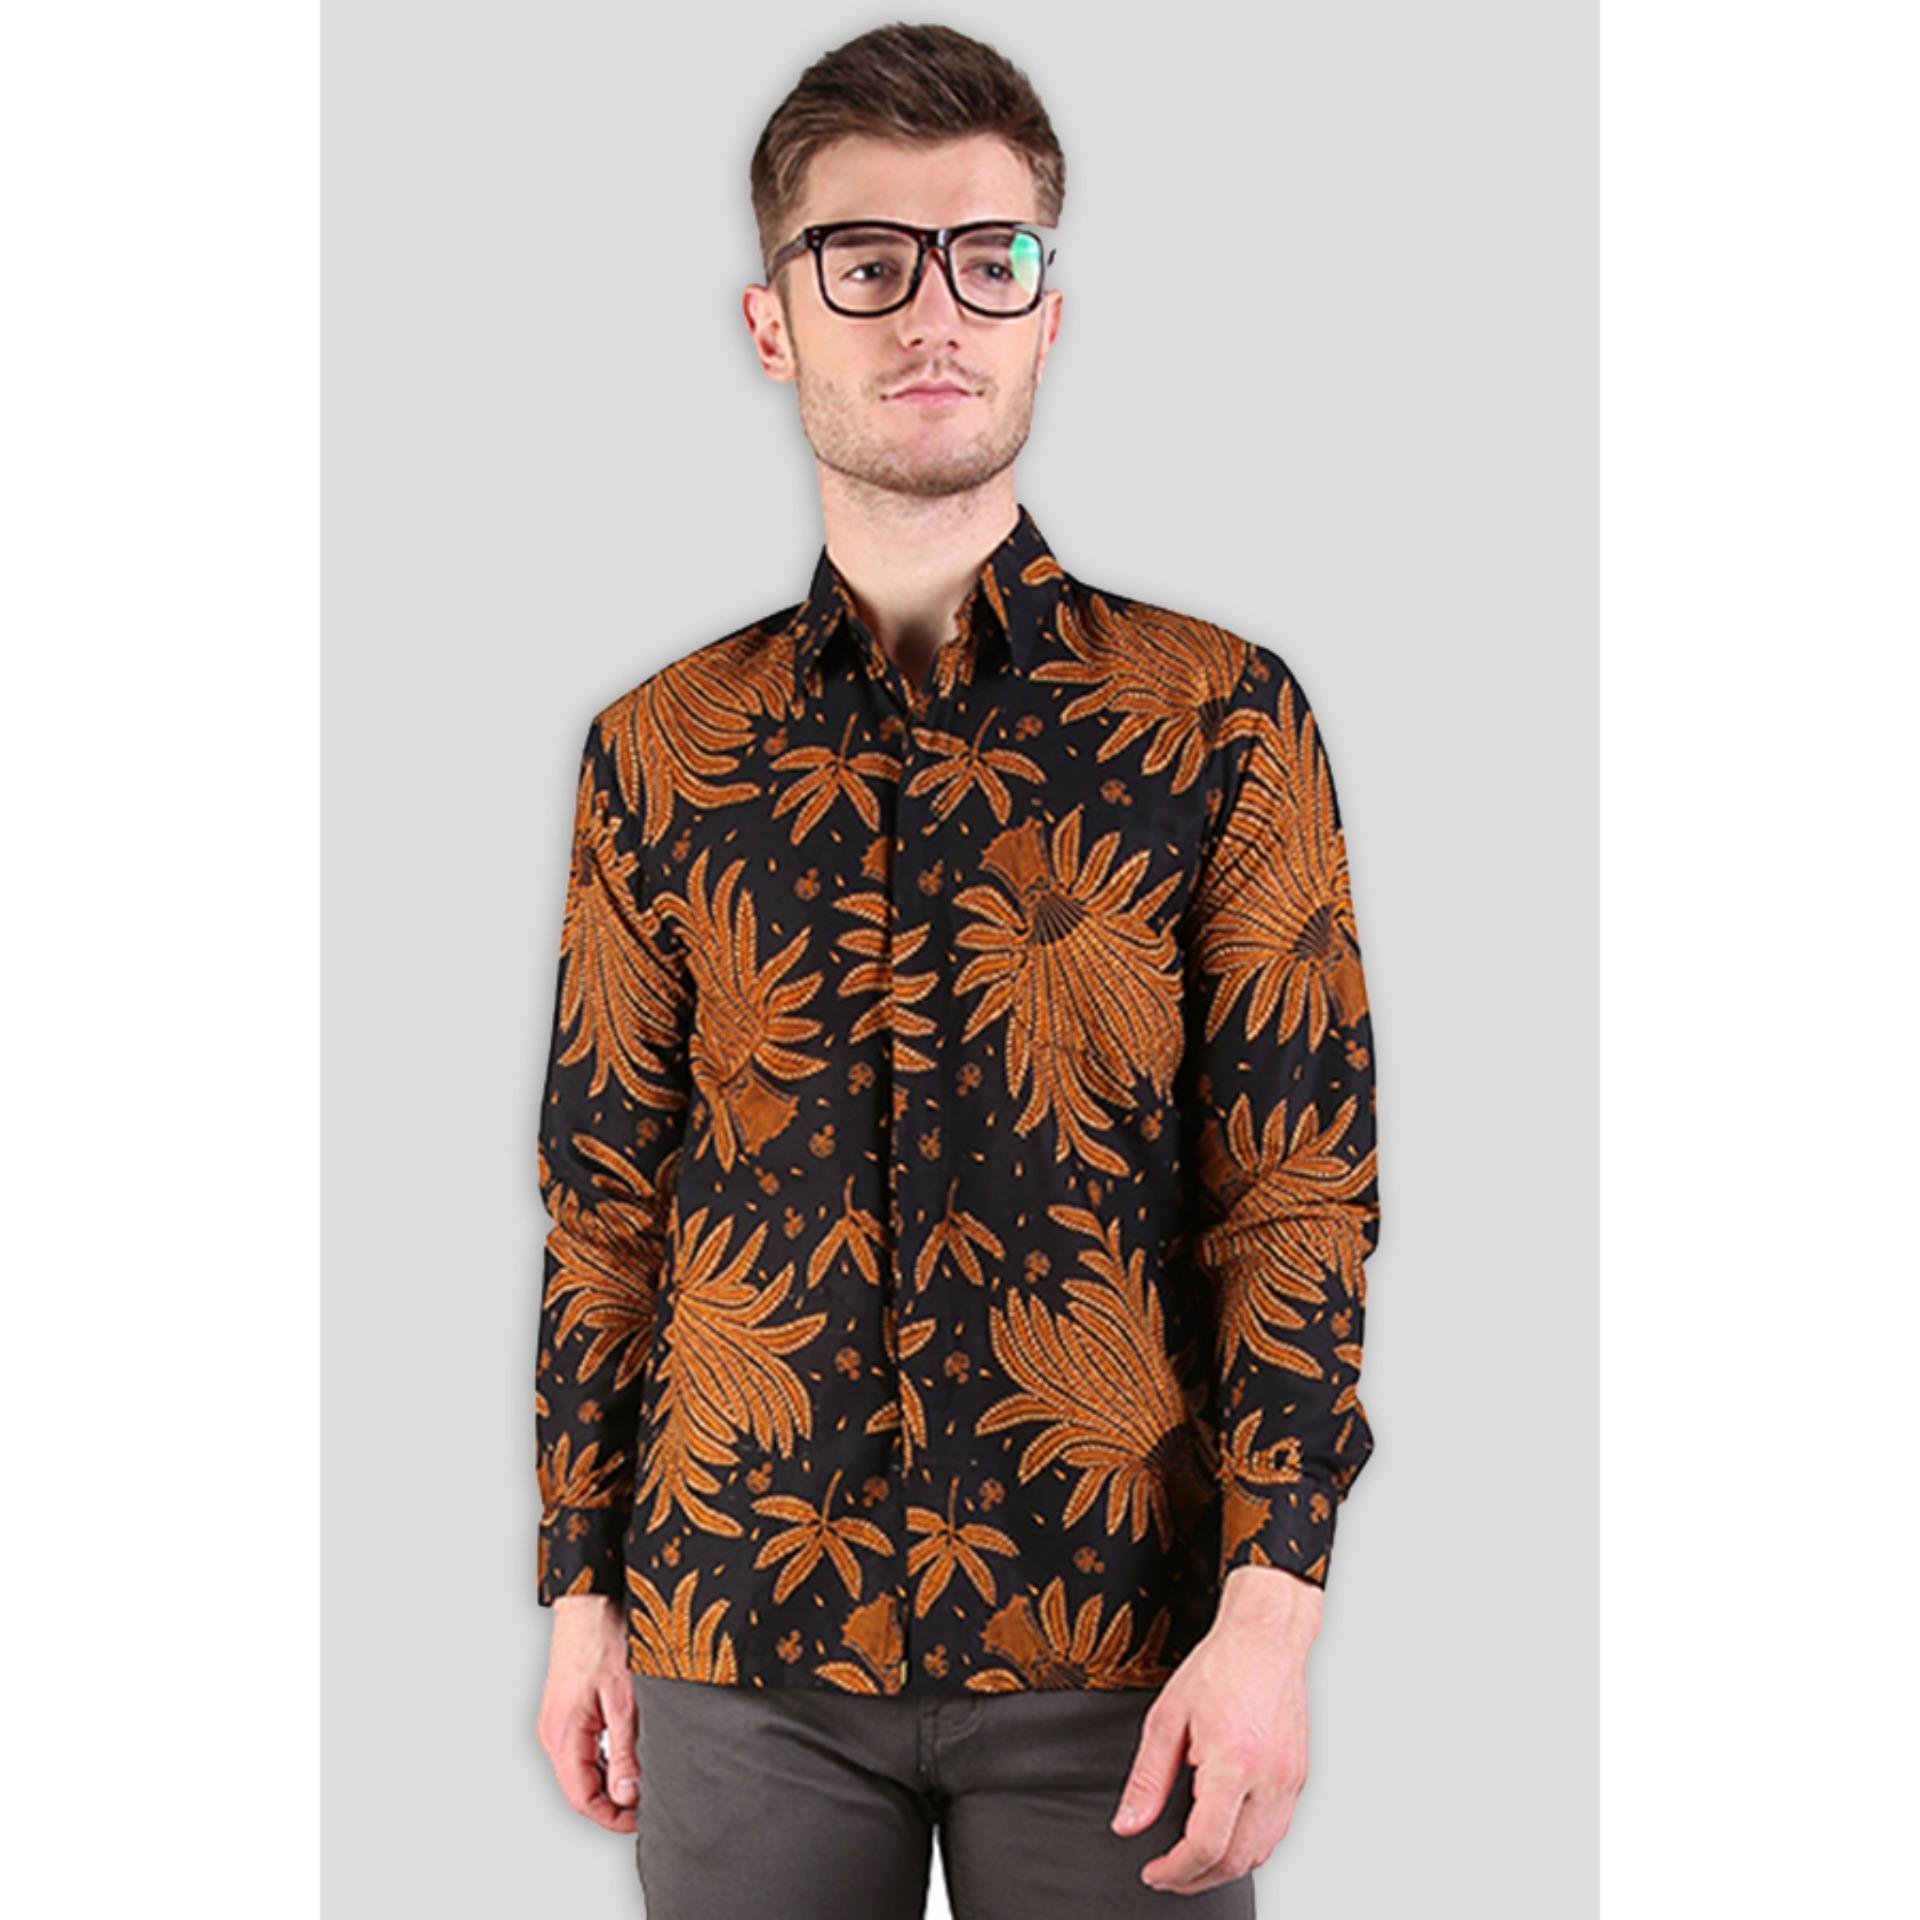 Baju Batik Pria Lazada: Kemeja Batik Pria Lengan